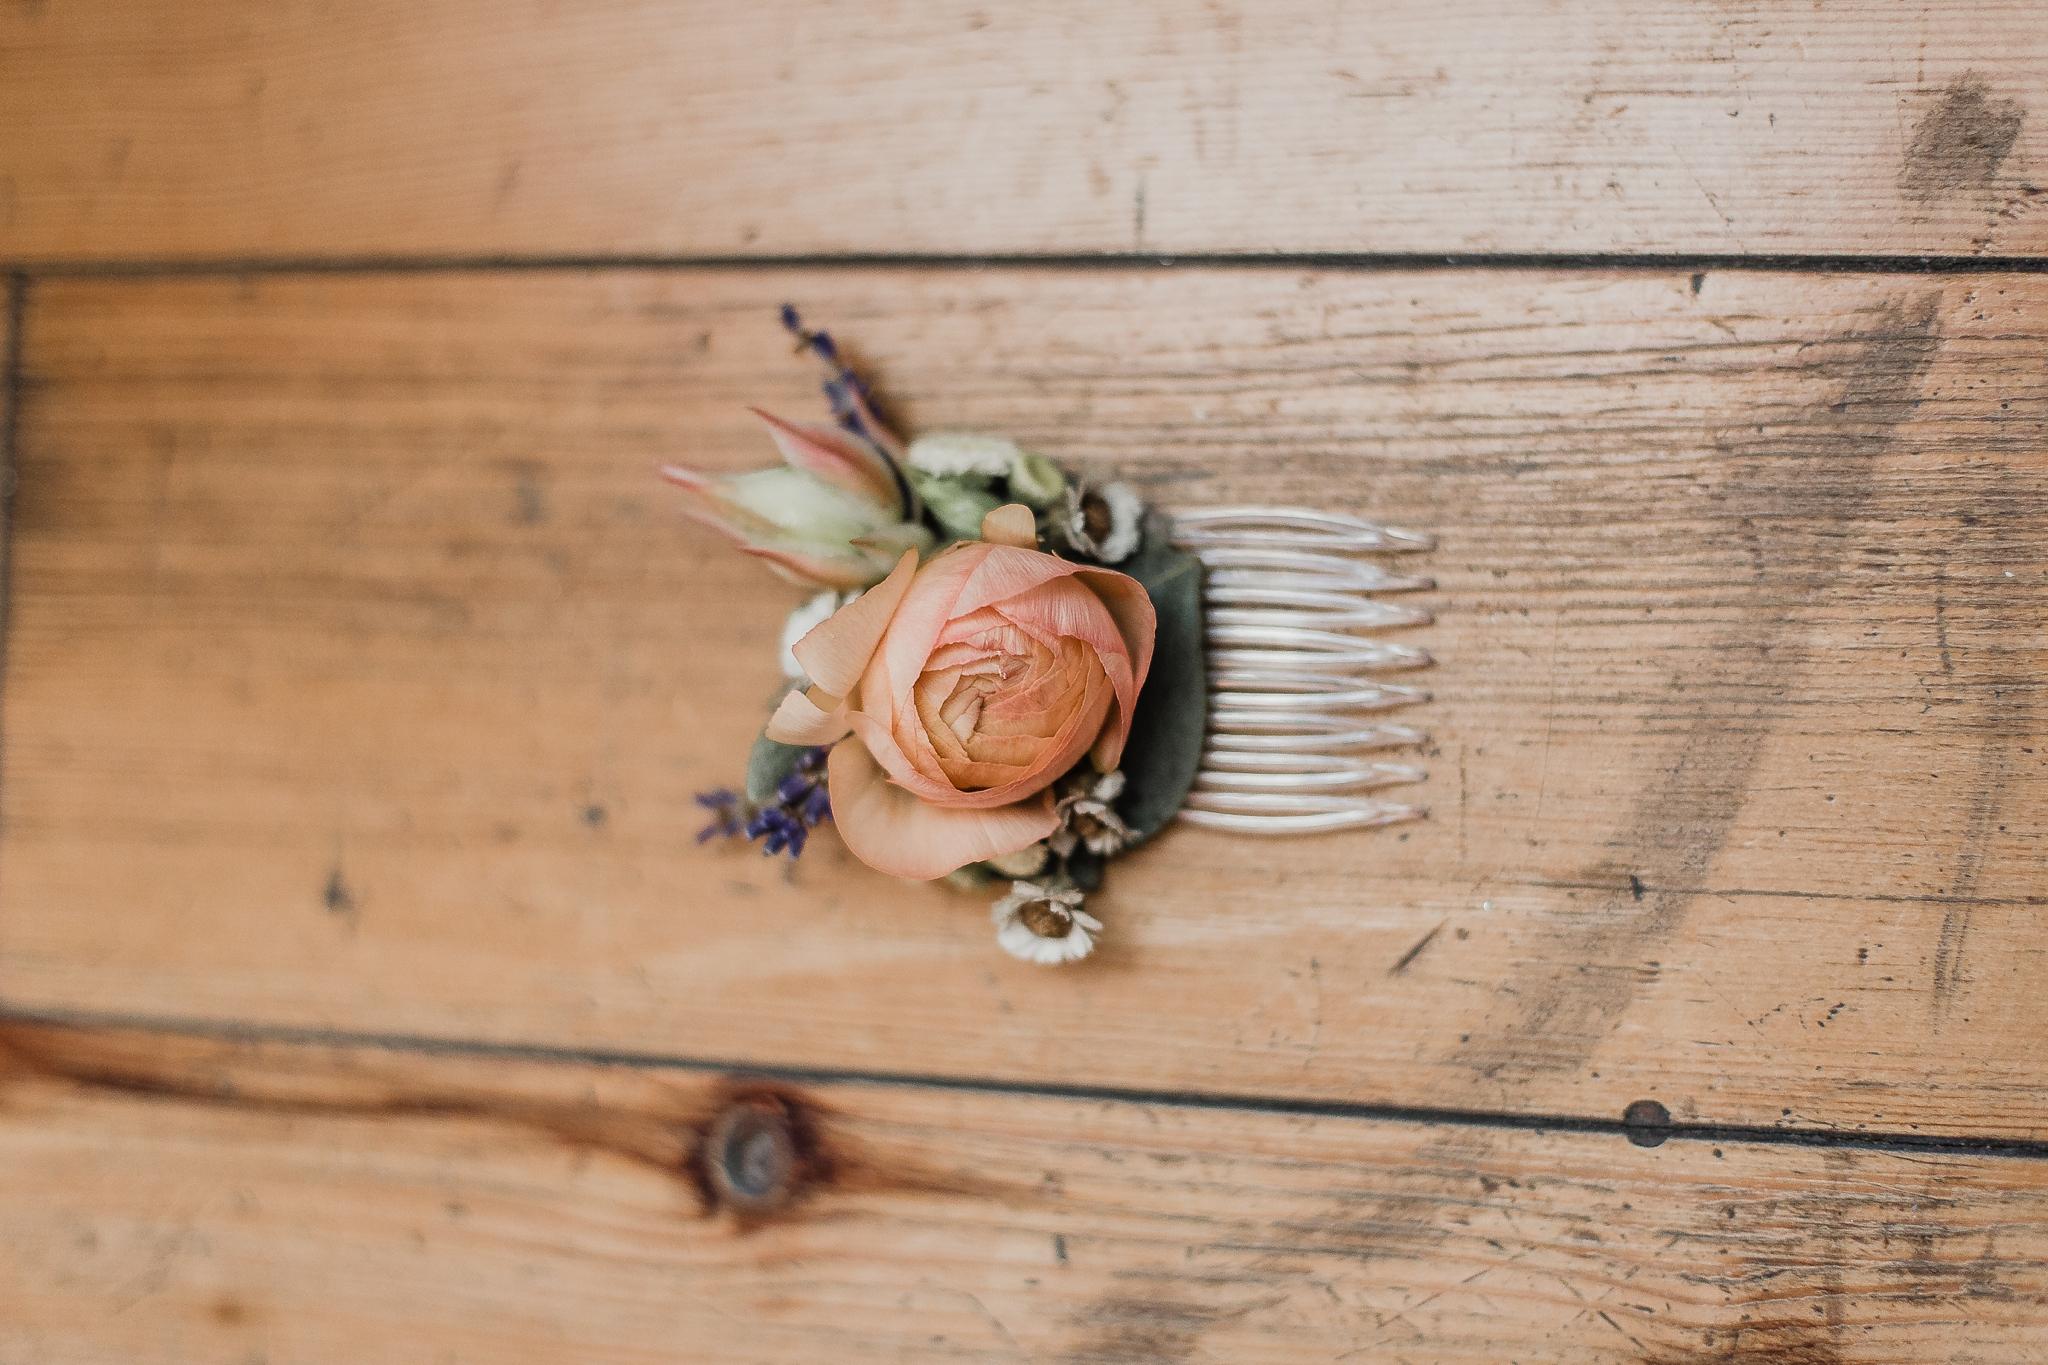 Alicia+lucia+photography+-+albuquerque+wedding+photographer+-+santa+fe+wedding+photography+-+new+mexico+wedding+photographer+-+new+mexico+wedding+-+summer+wedding+-+summer+wedding+florals+-+southwest+wedding_0043.jpg